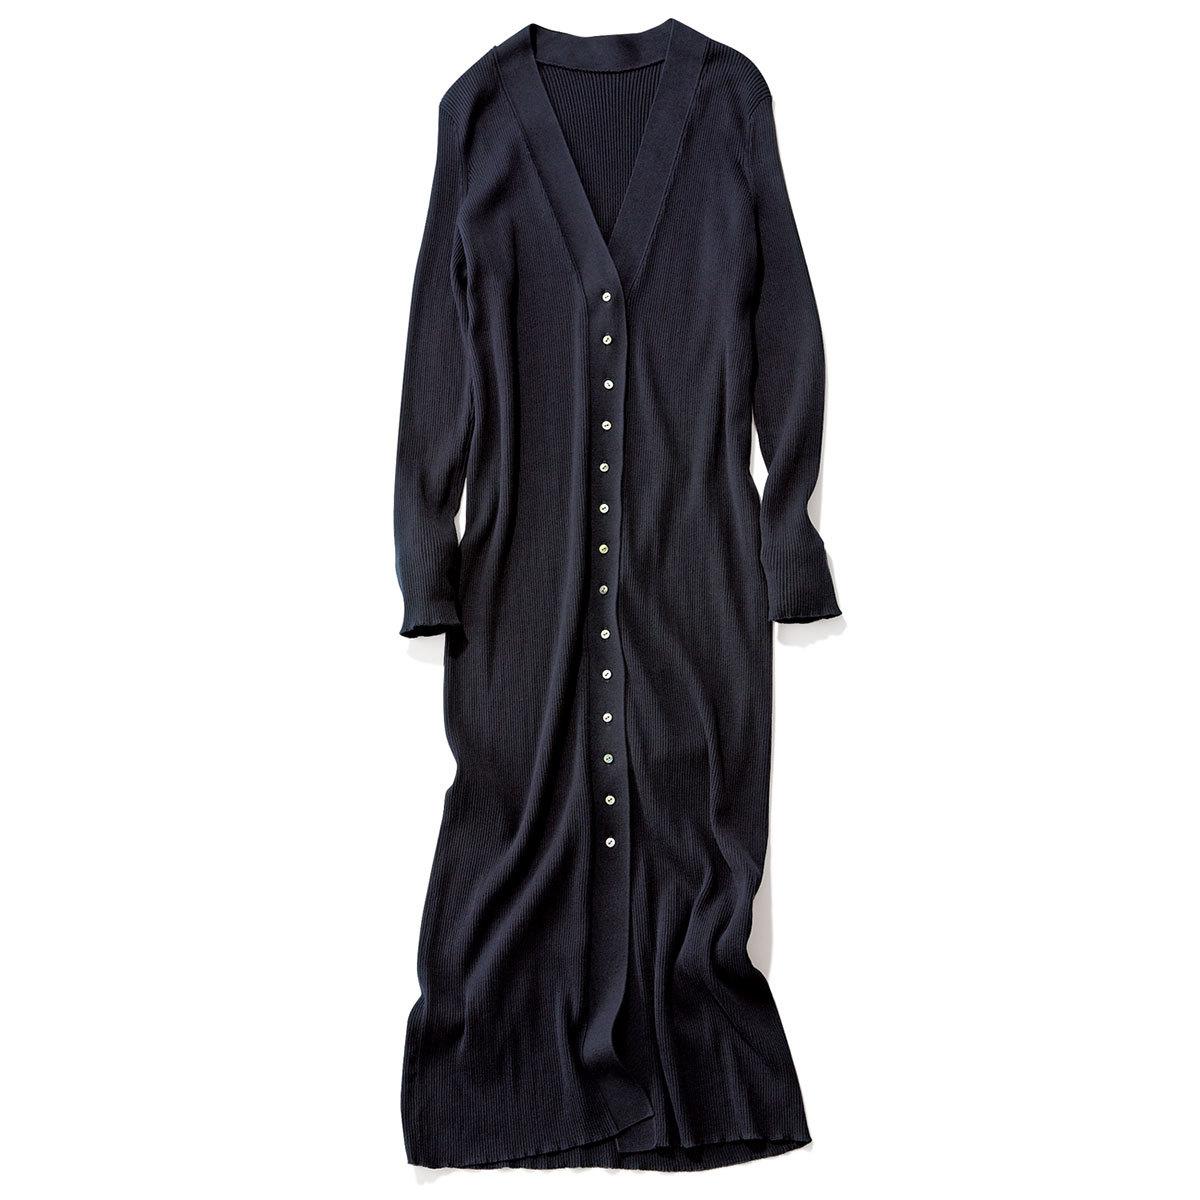 40代ファッション2019年夏のお買い物_GALERIE VIEのリブロングカーディガン